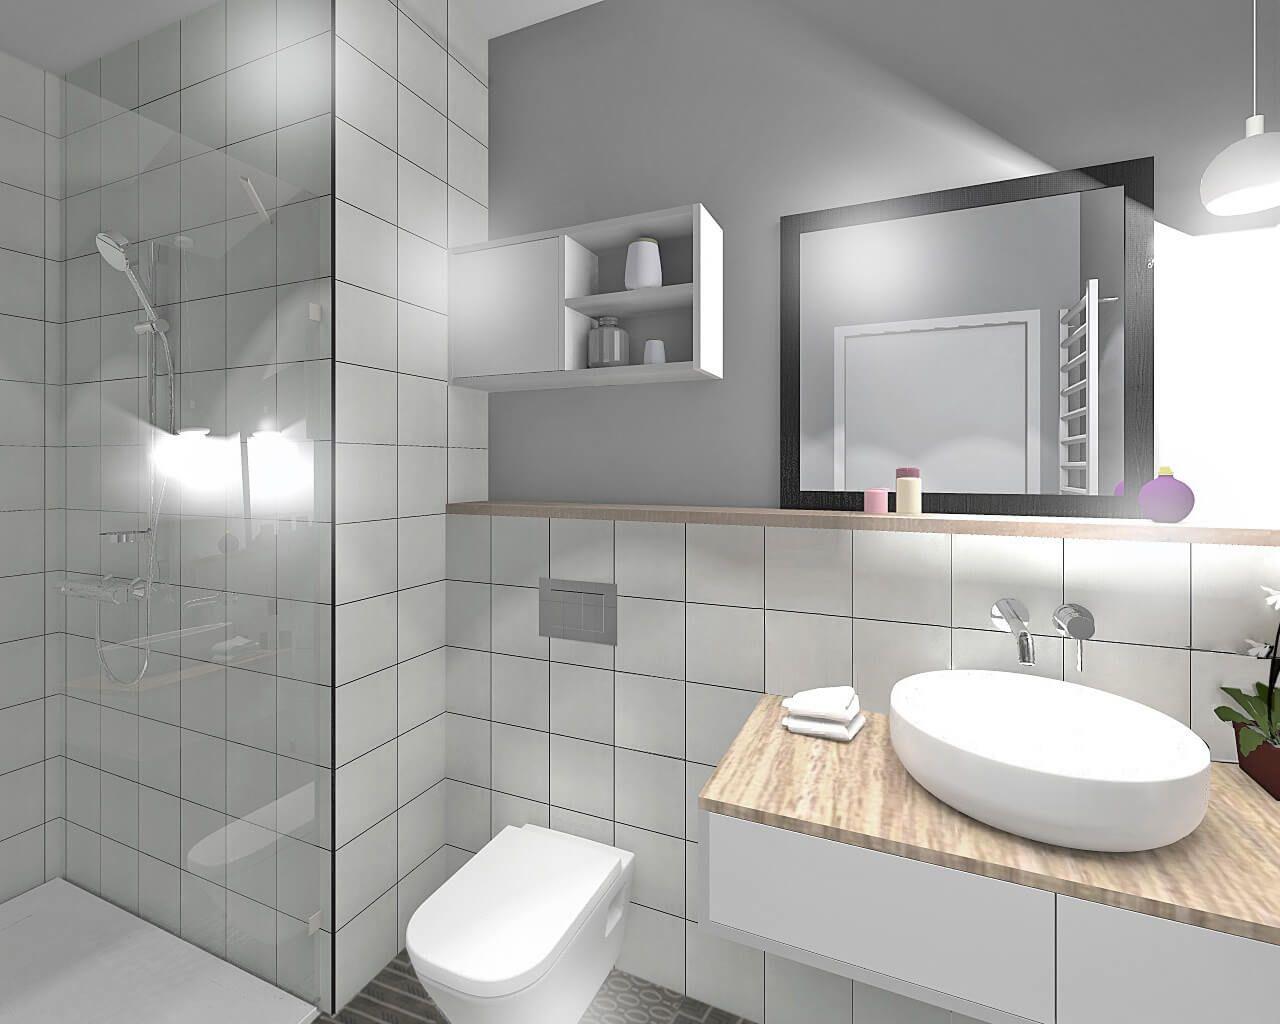 Małe Białe Dwudziestki Dla Efektownej łazienki Ceramika